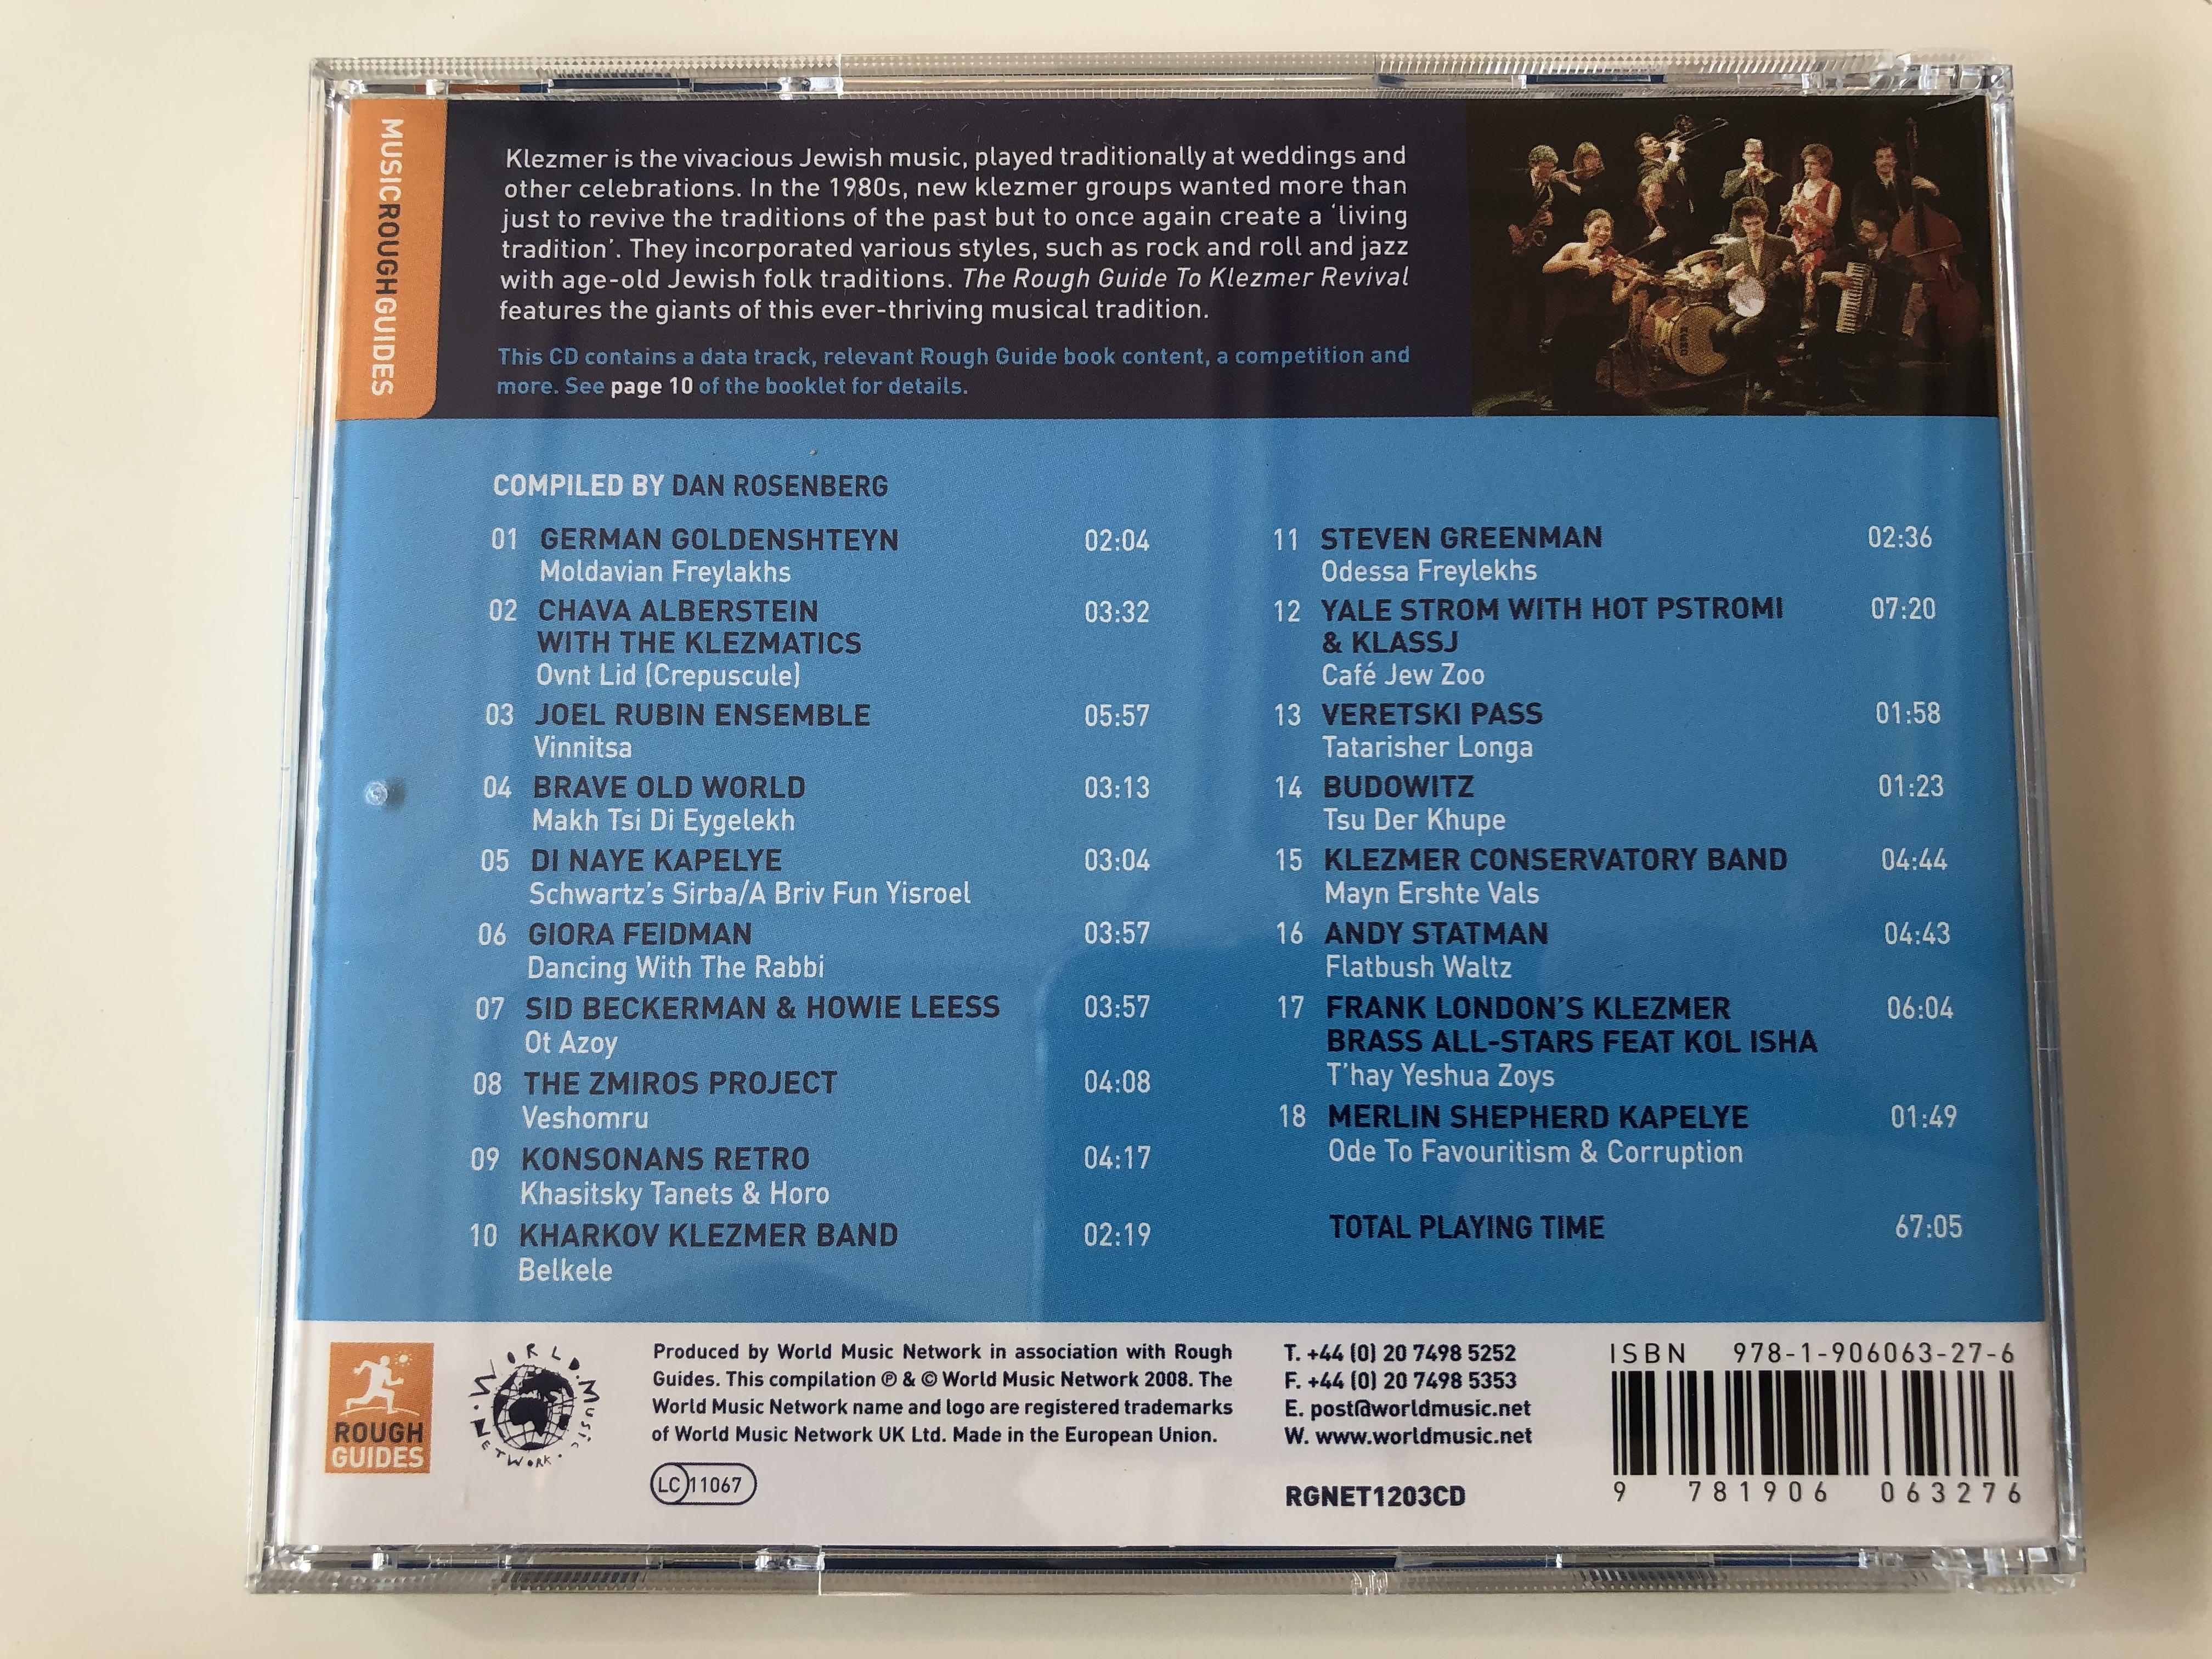 the-rough-guide-to-klezmer-revival-world-music-network-audio-cd-2008-rgnet1203cd-9-.jpg